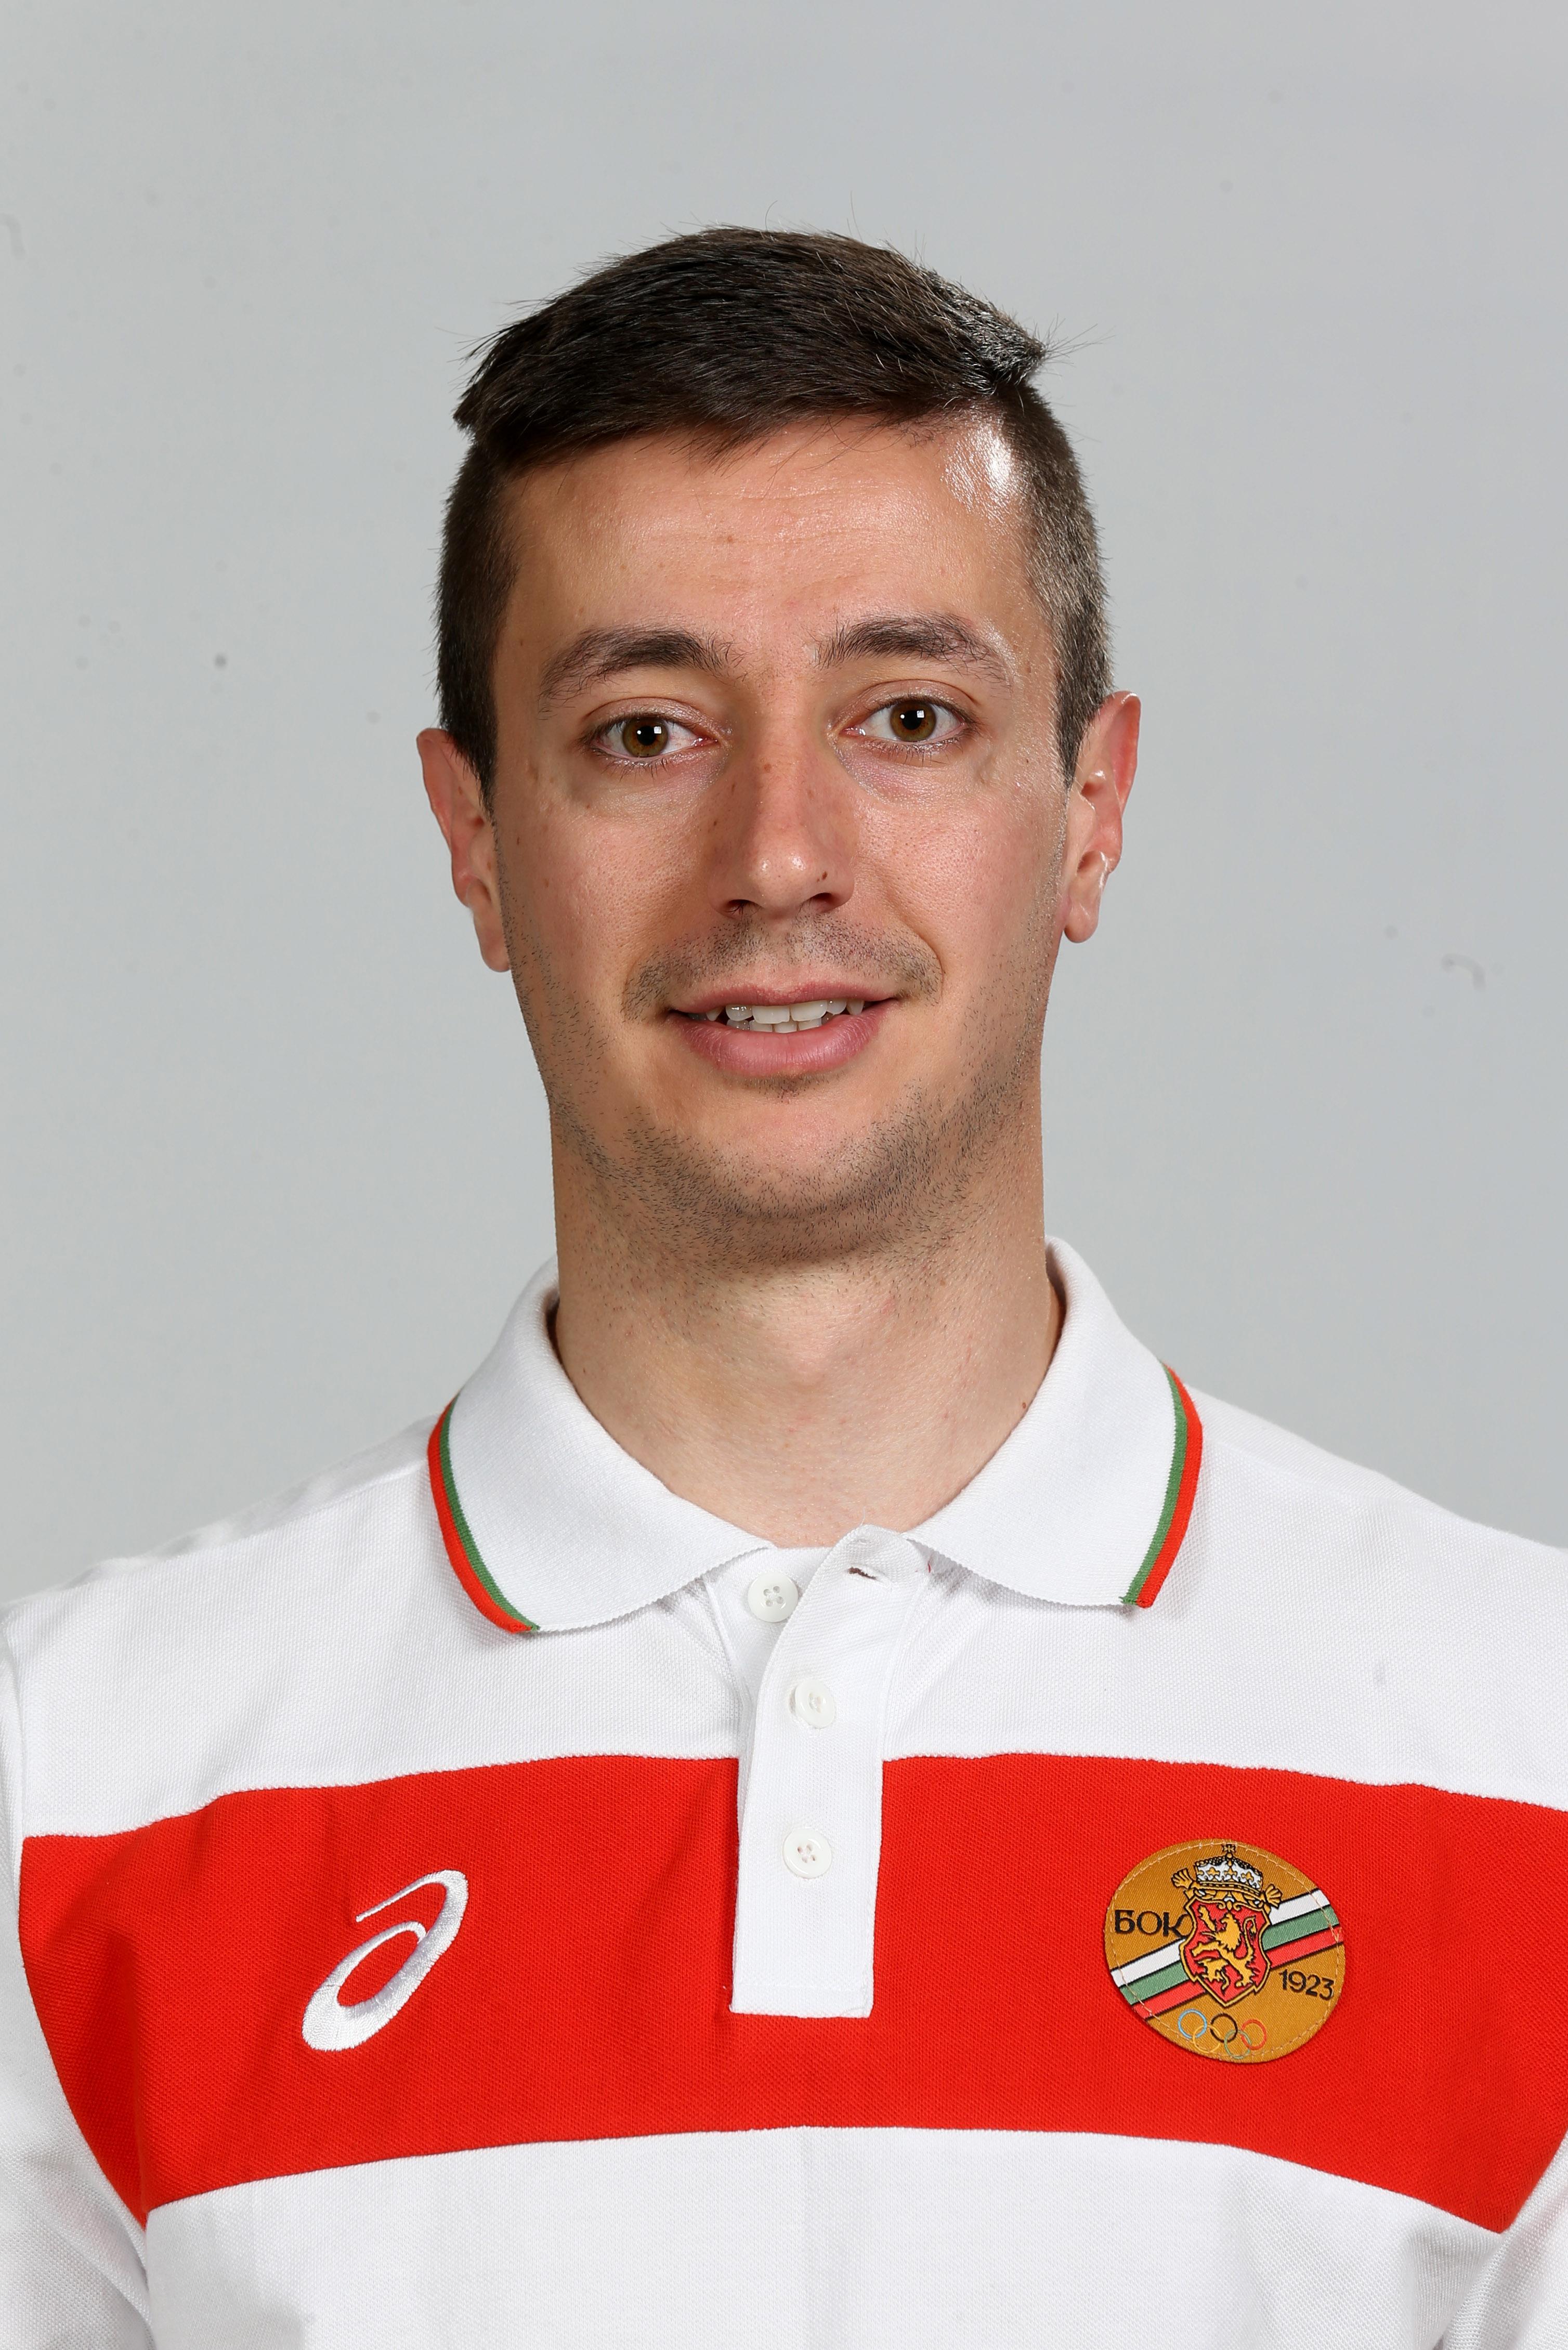 Martin Bozhilov